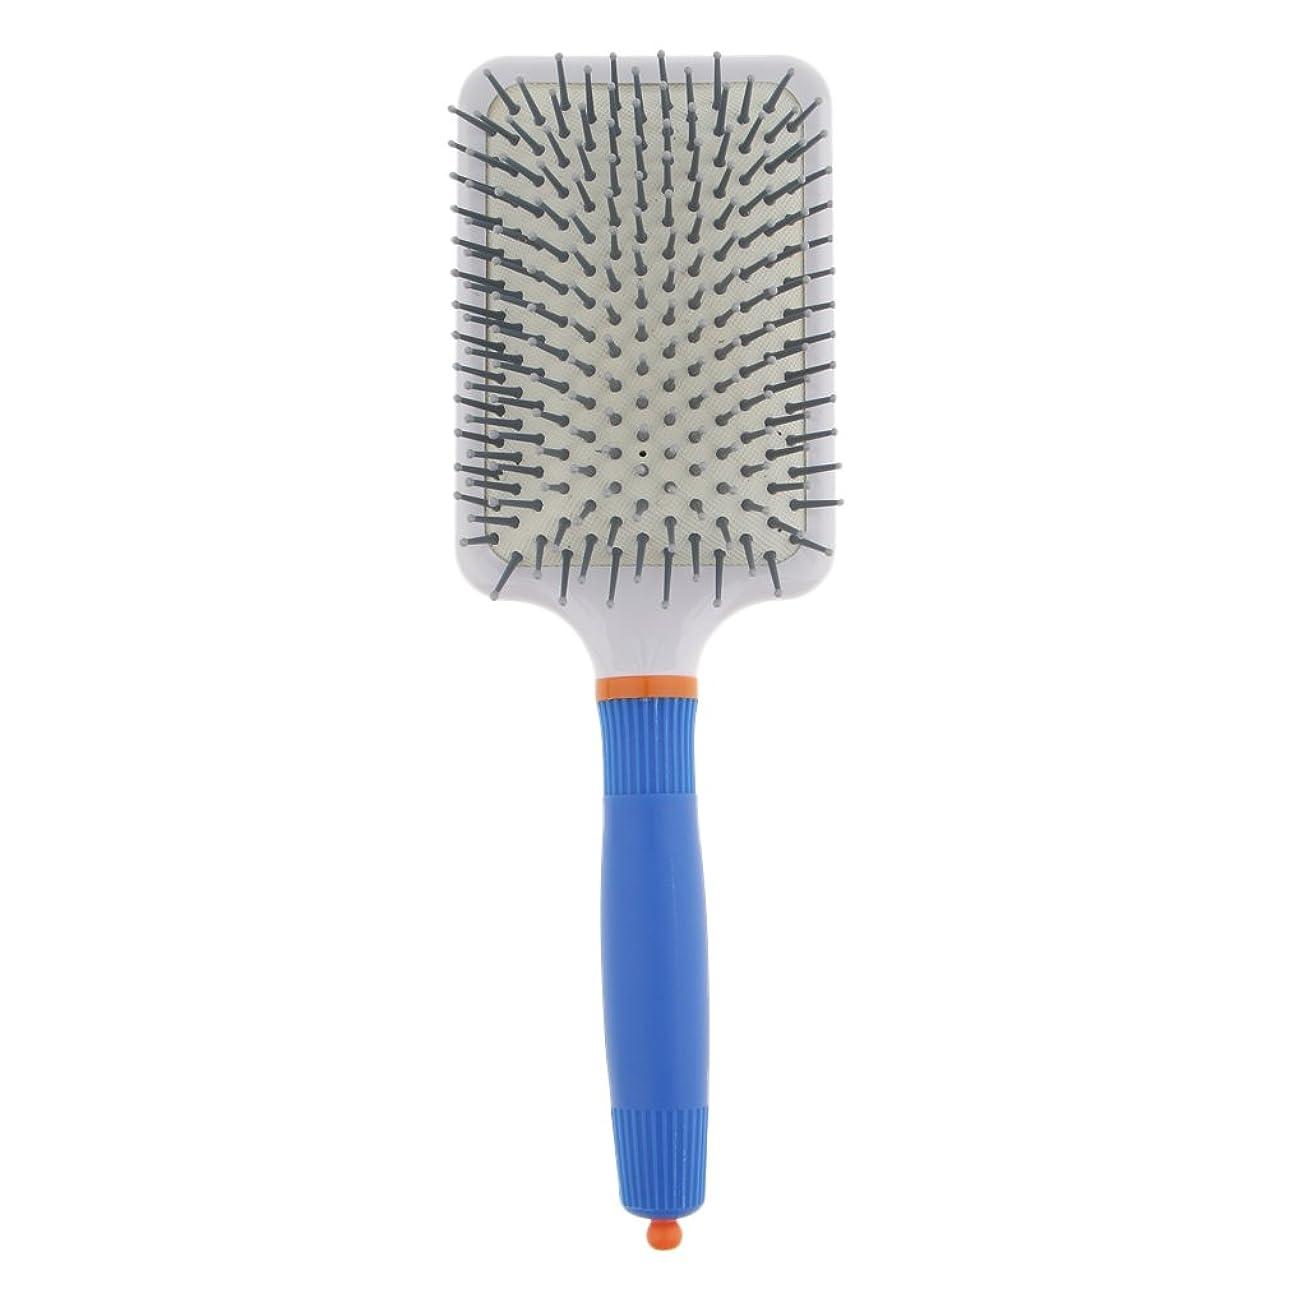 移行するスピン対話T TOOYFUL プラスチック製 ブラシ 頭皮マッサージブラシ フラットヘアブラシ 櫛 静電気防止 全2色 - ダークブルー